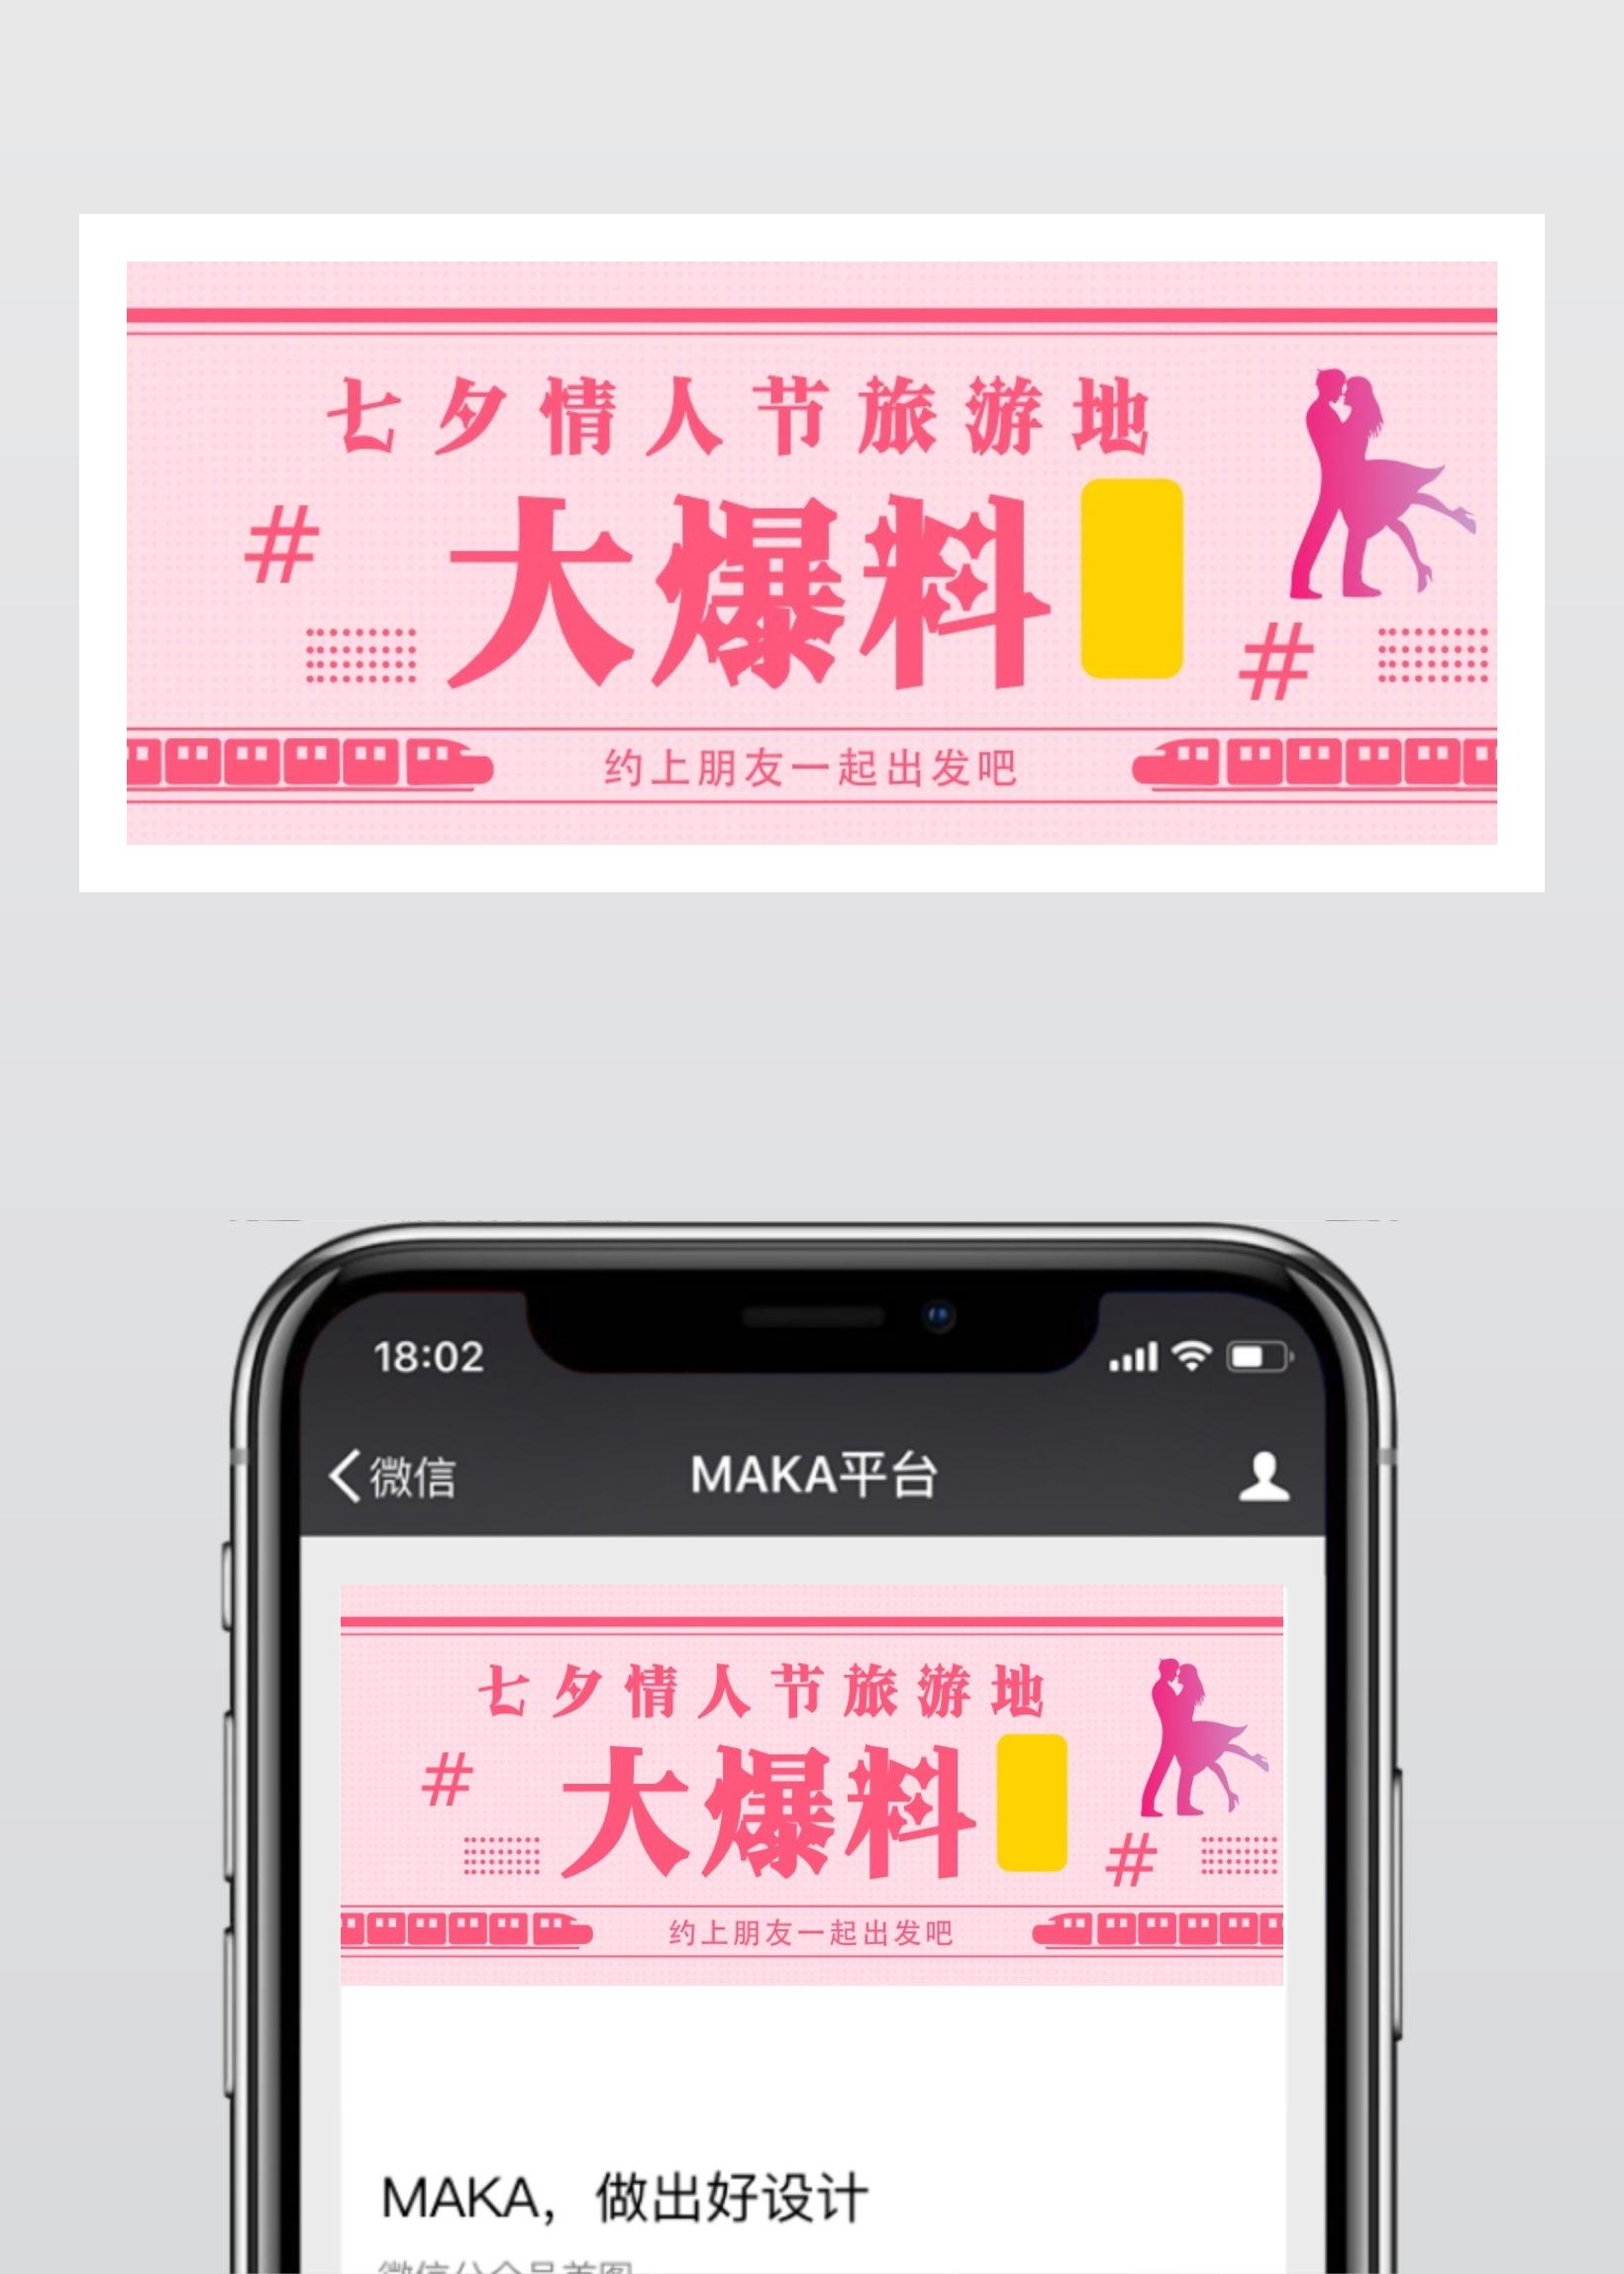 粉红色卡通清新插画设计风格中国情人节七夕表白、祝福活动宣传海报